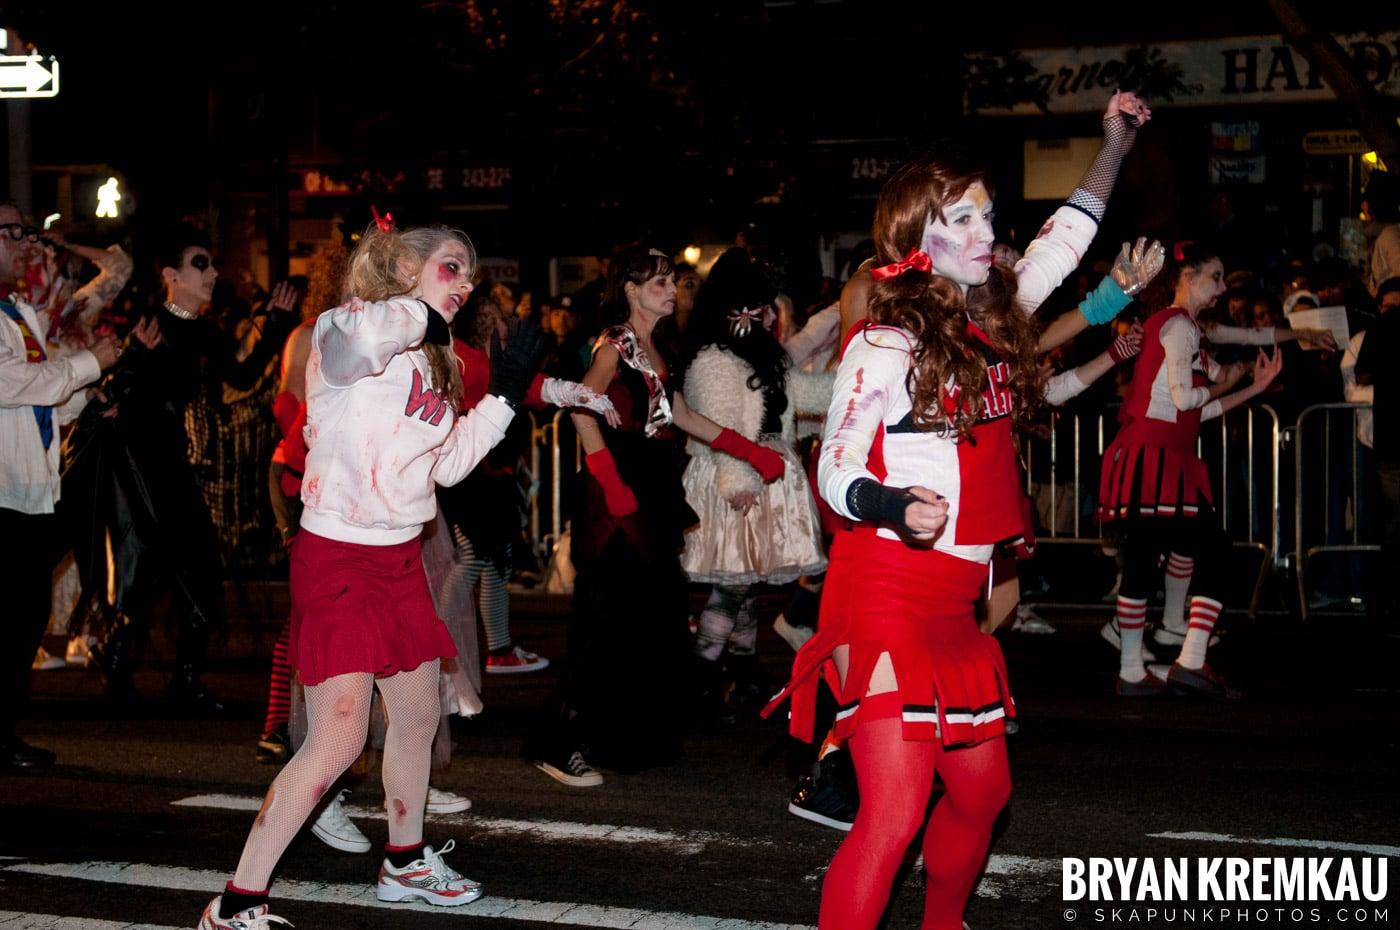 NYC Halloween Parade 2011 @ New York, NY - 10.31.11 (72)